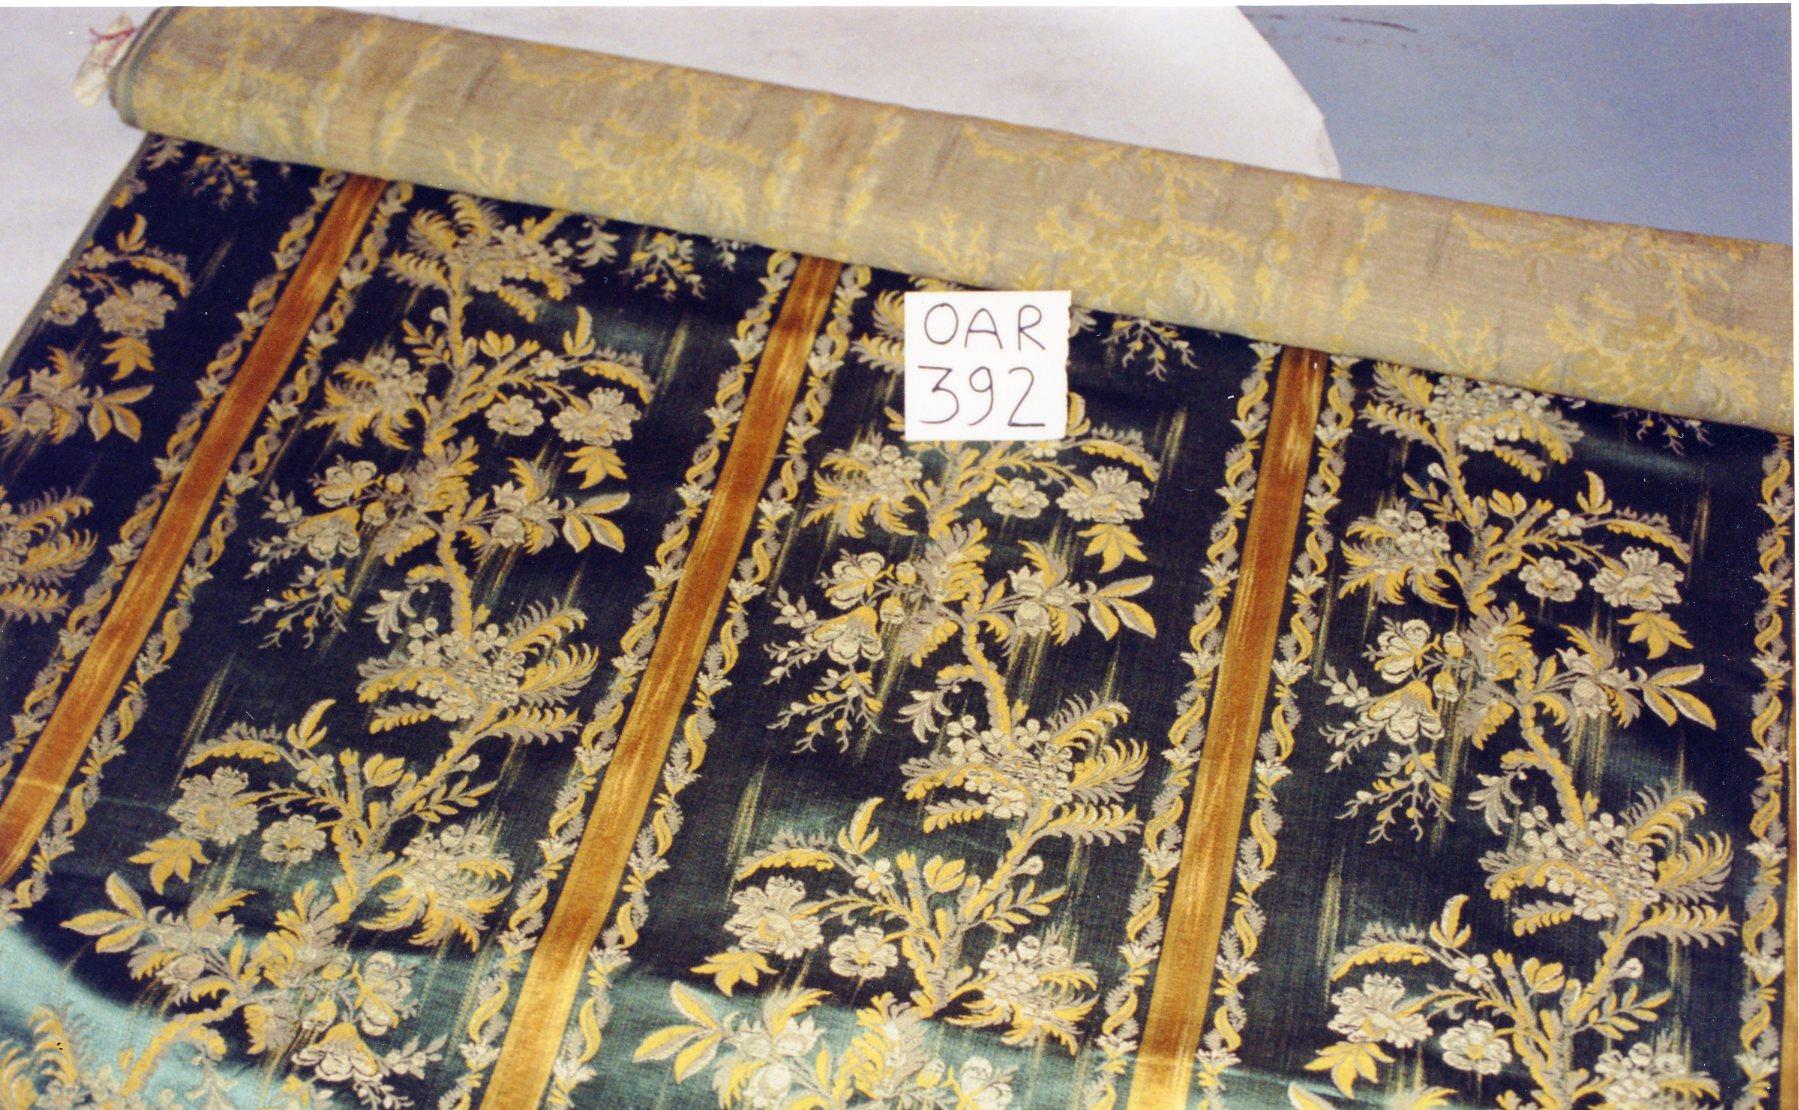 mnr/OAR00392/OAR392001.jpg